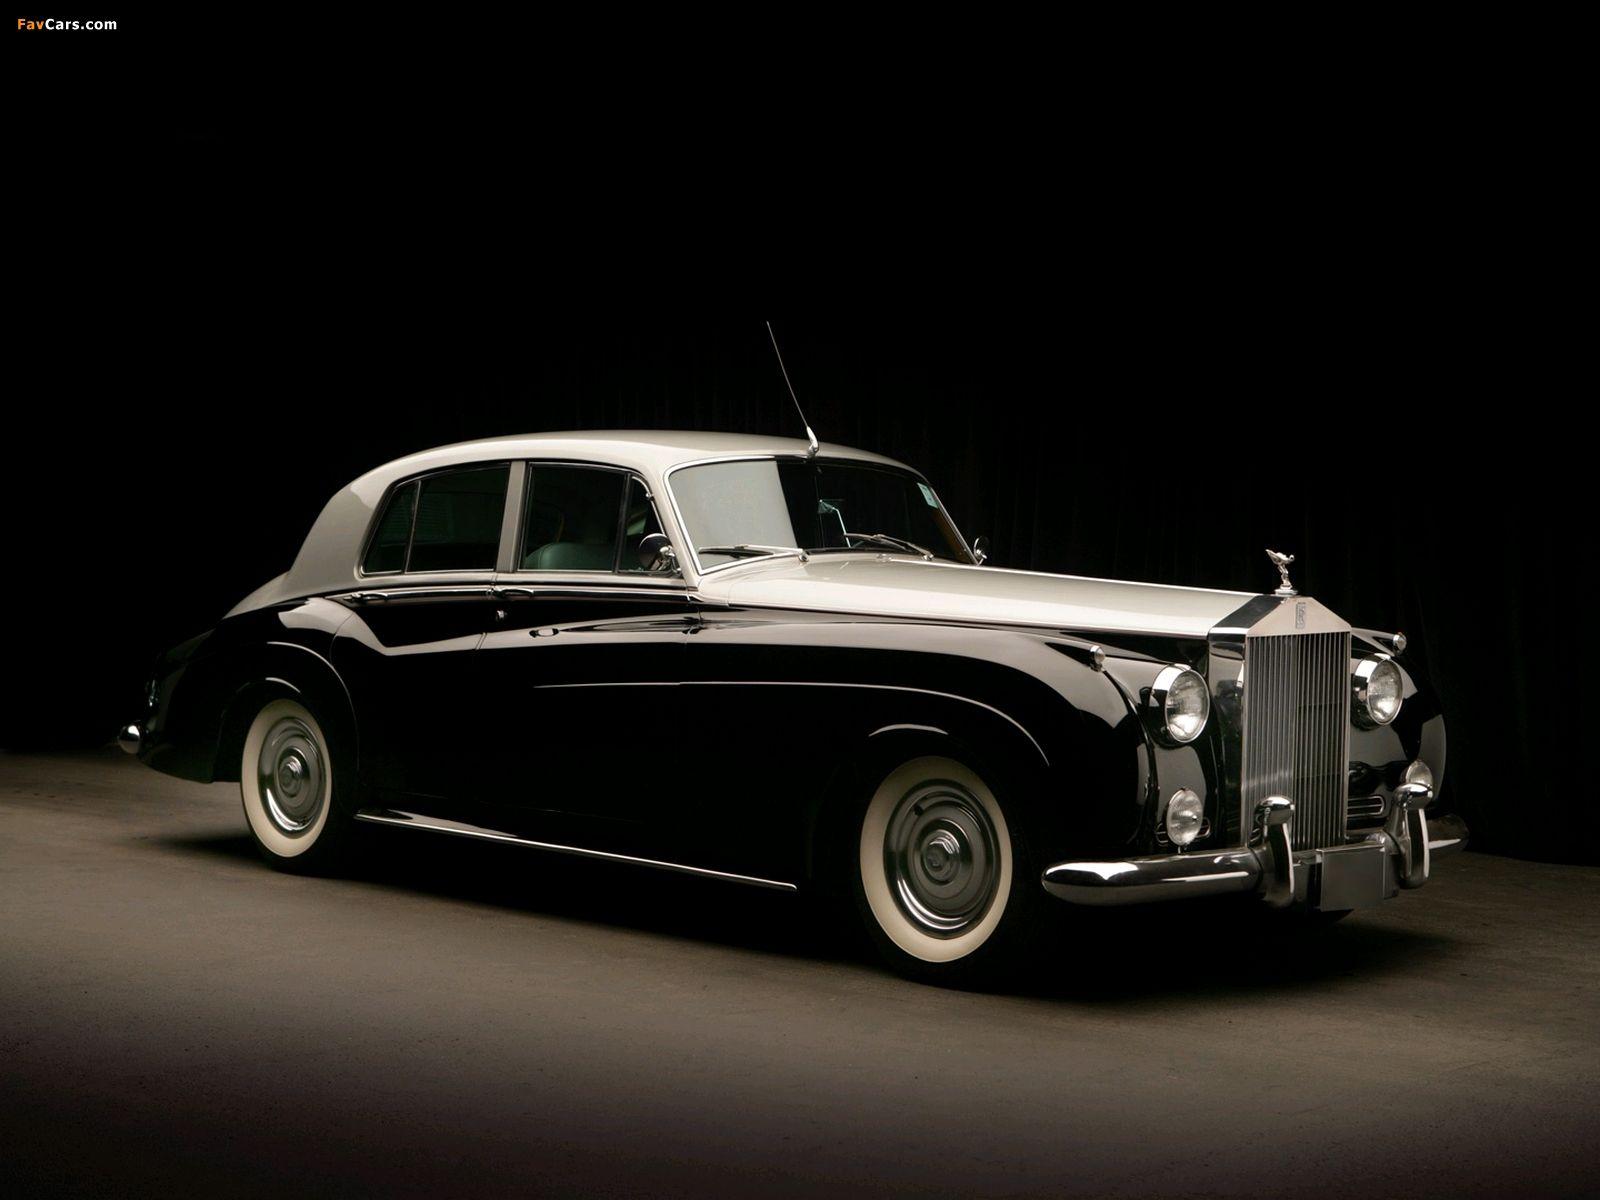 Rolls Royce Silver Cloud Rolls Royce Silver Cloud Rolls Royce